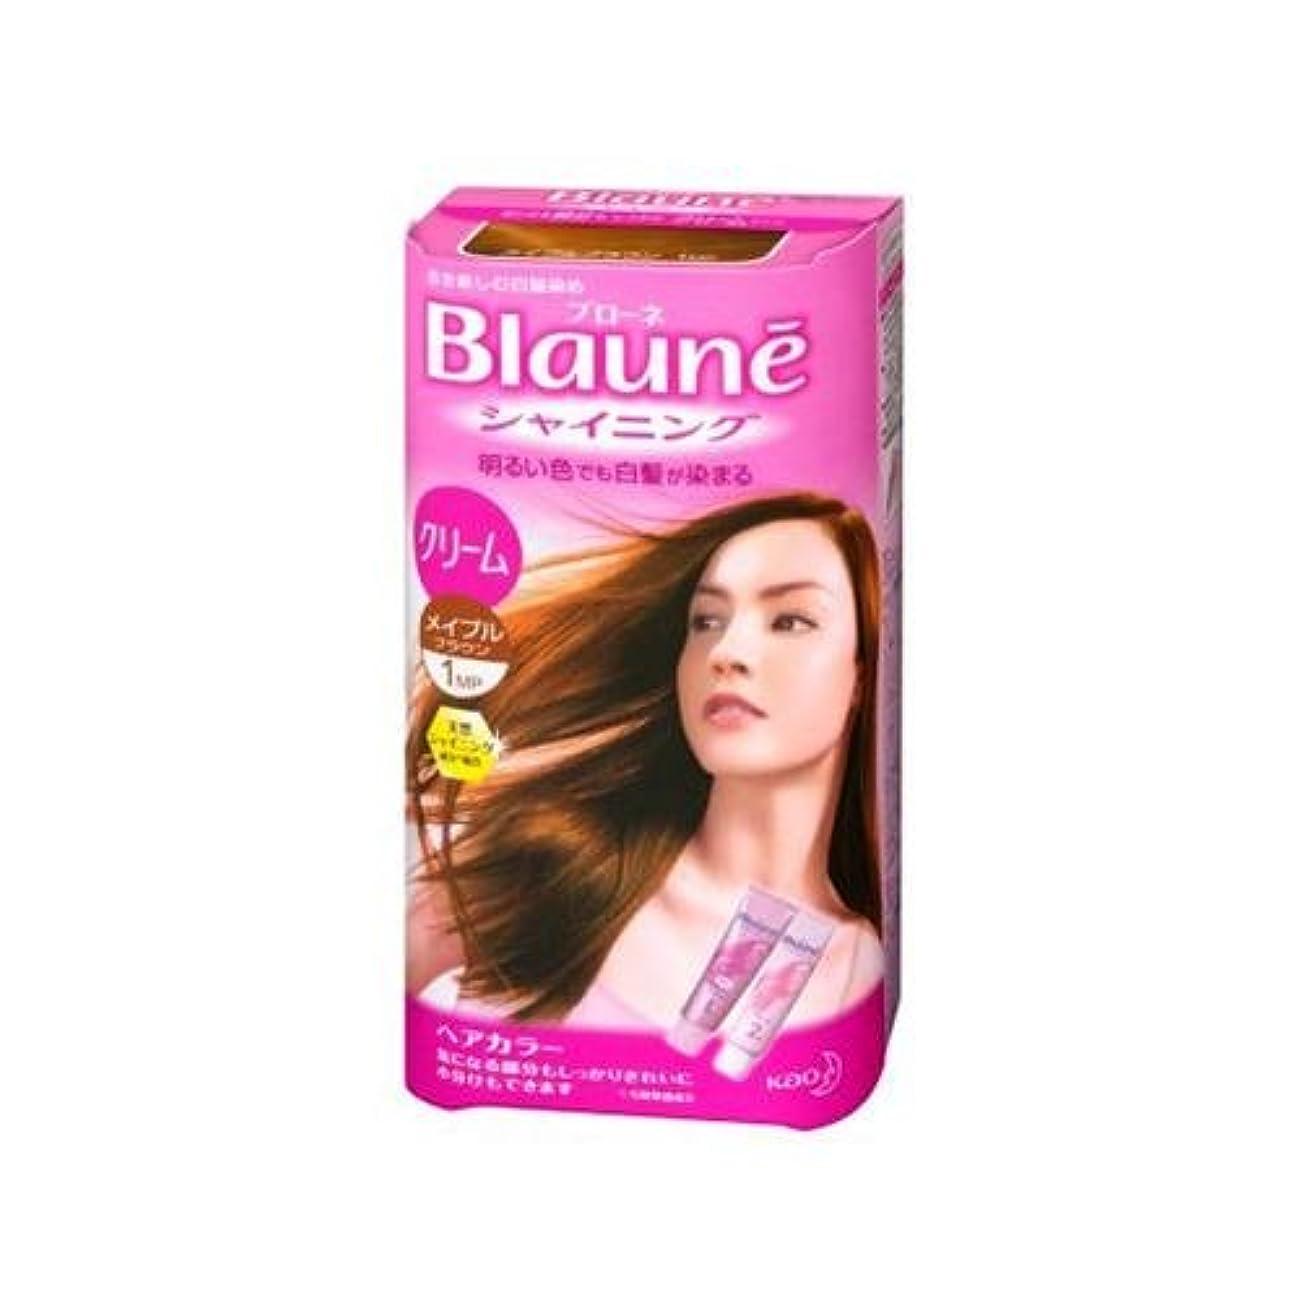 確認してください頑張るランク花王 ブローネ シャイニングヘアカラー クリーム 1剤50g/2剤50g(医薬部外品)《各50g》<カラー:メイプルBR>